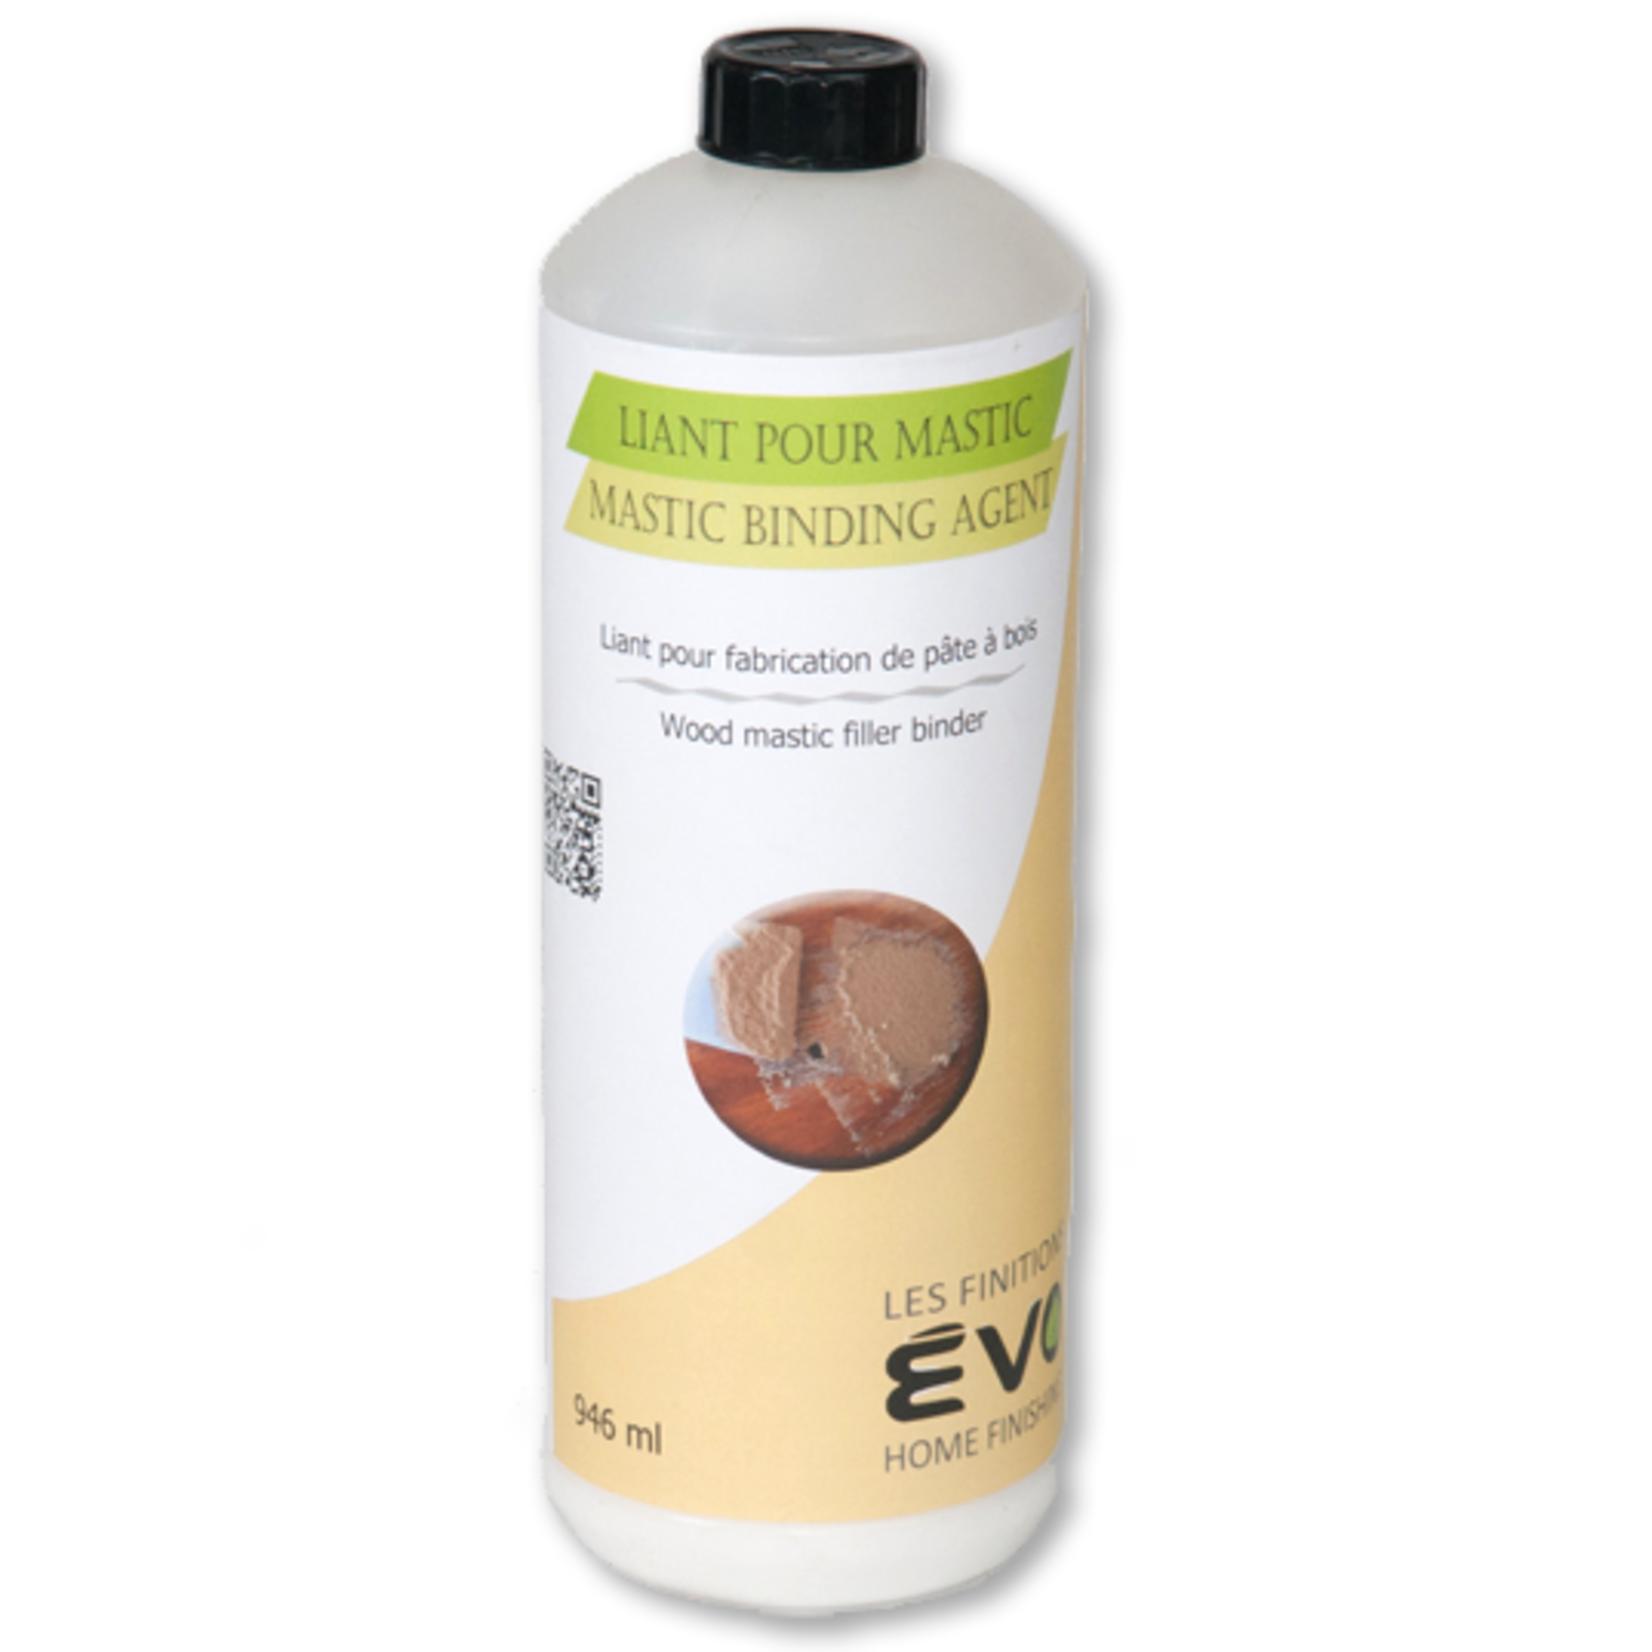 EVO Liant pour mastic